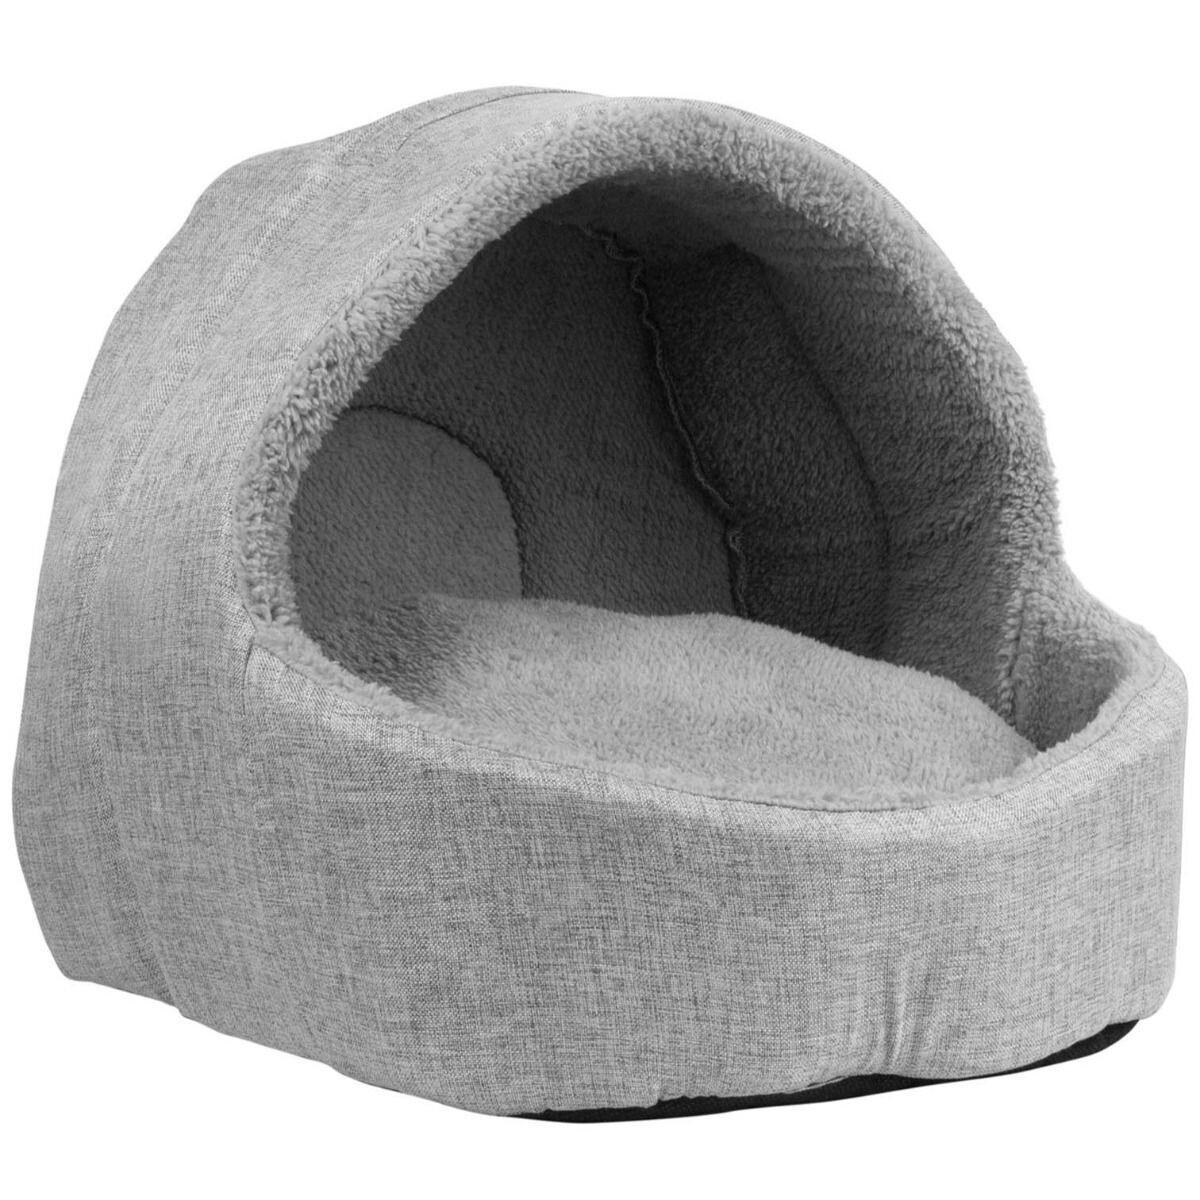 Soft Fleece Cat Igloo Bed - Grey : Ref (6334)